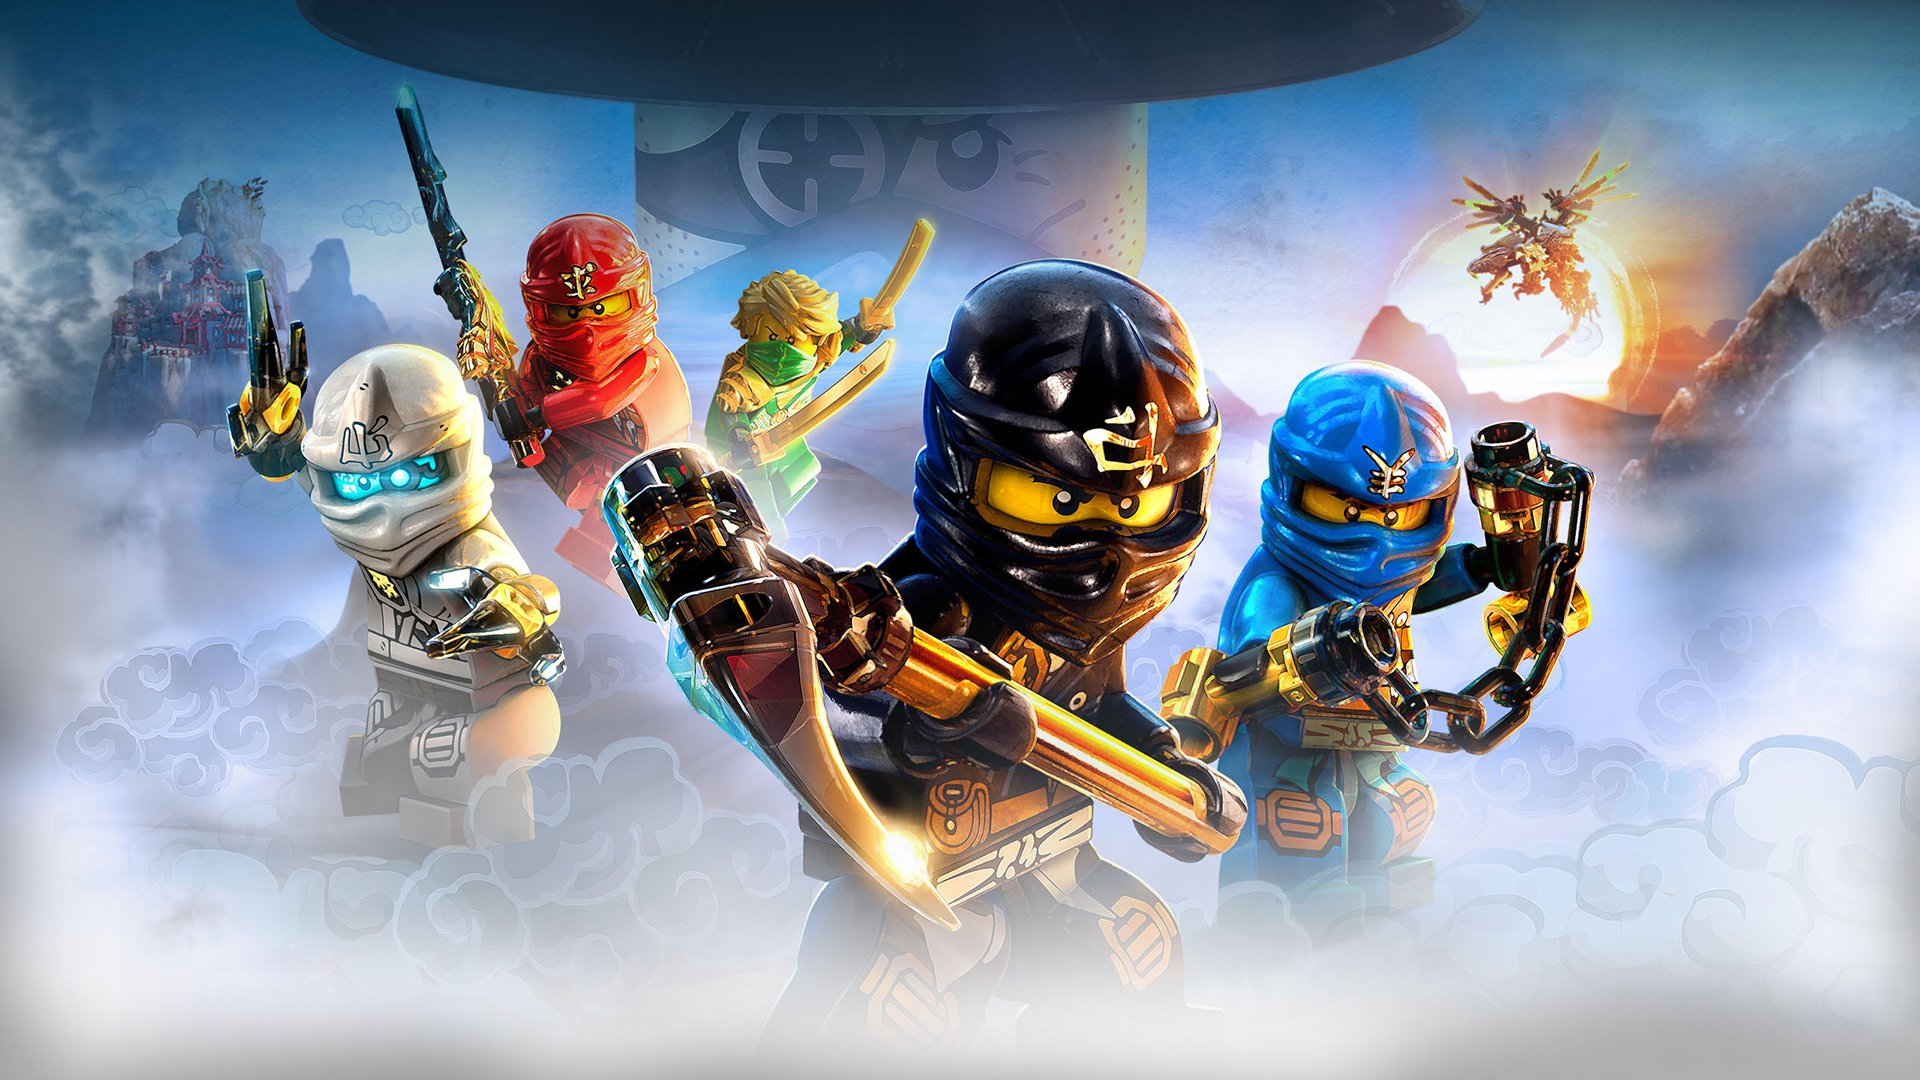 Ninjago Accueil   Ninjago LEGOcom 1920x1080